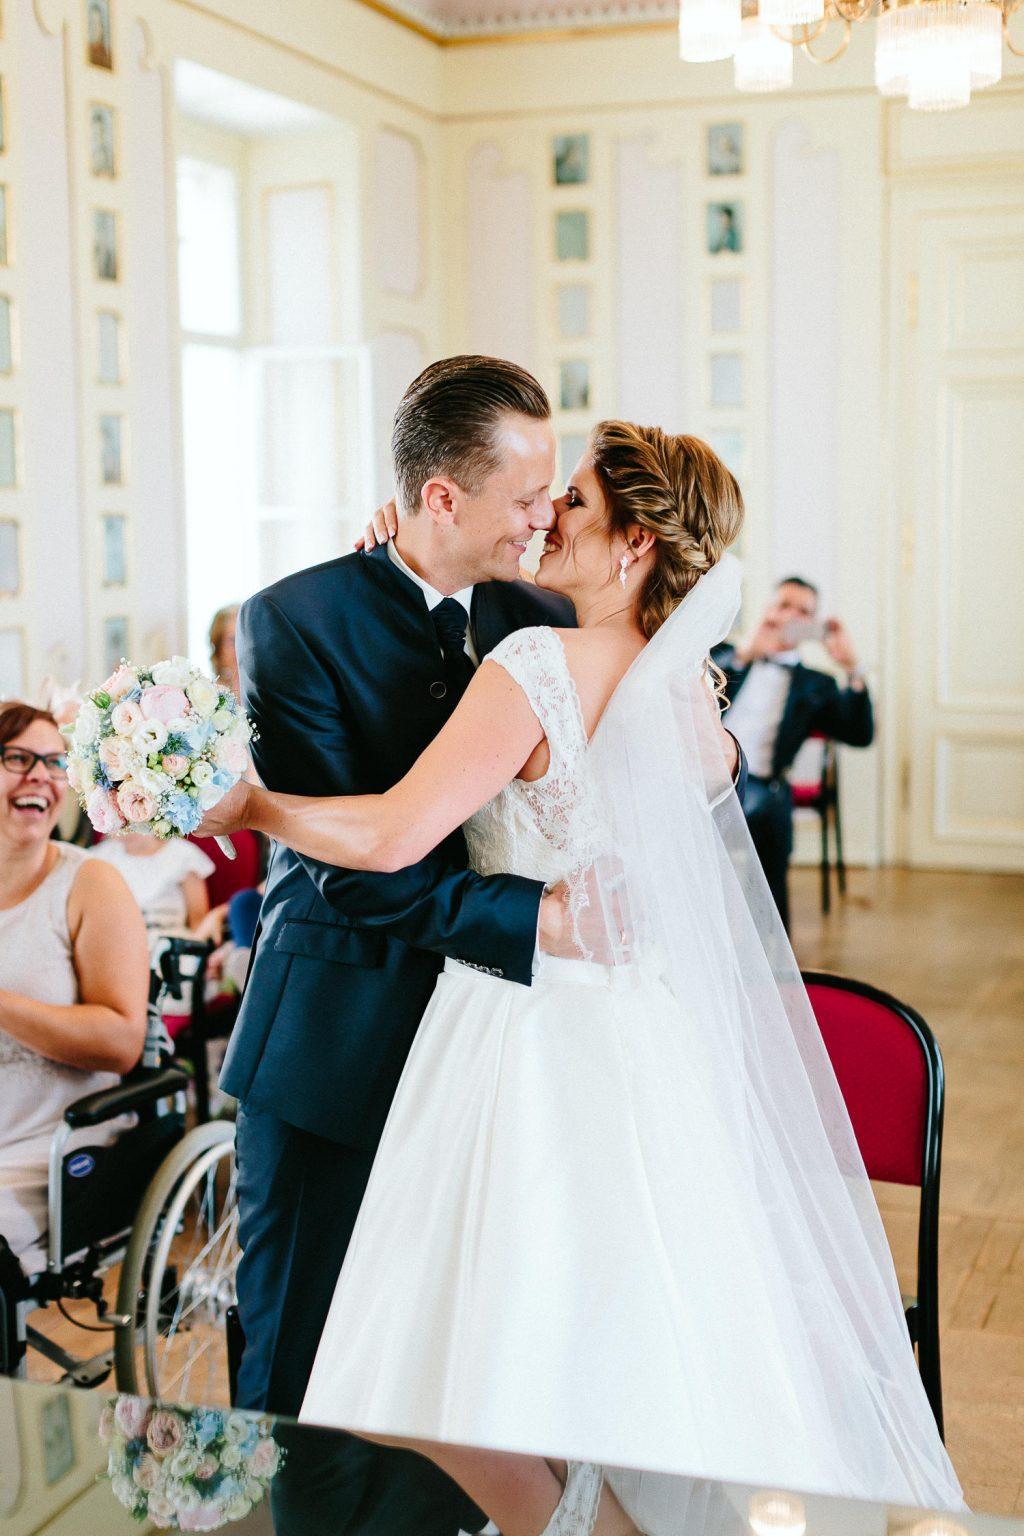 Theresa+Matthias - TM-Hochzeit-Kletzmayrhof-027.jpg